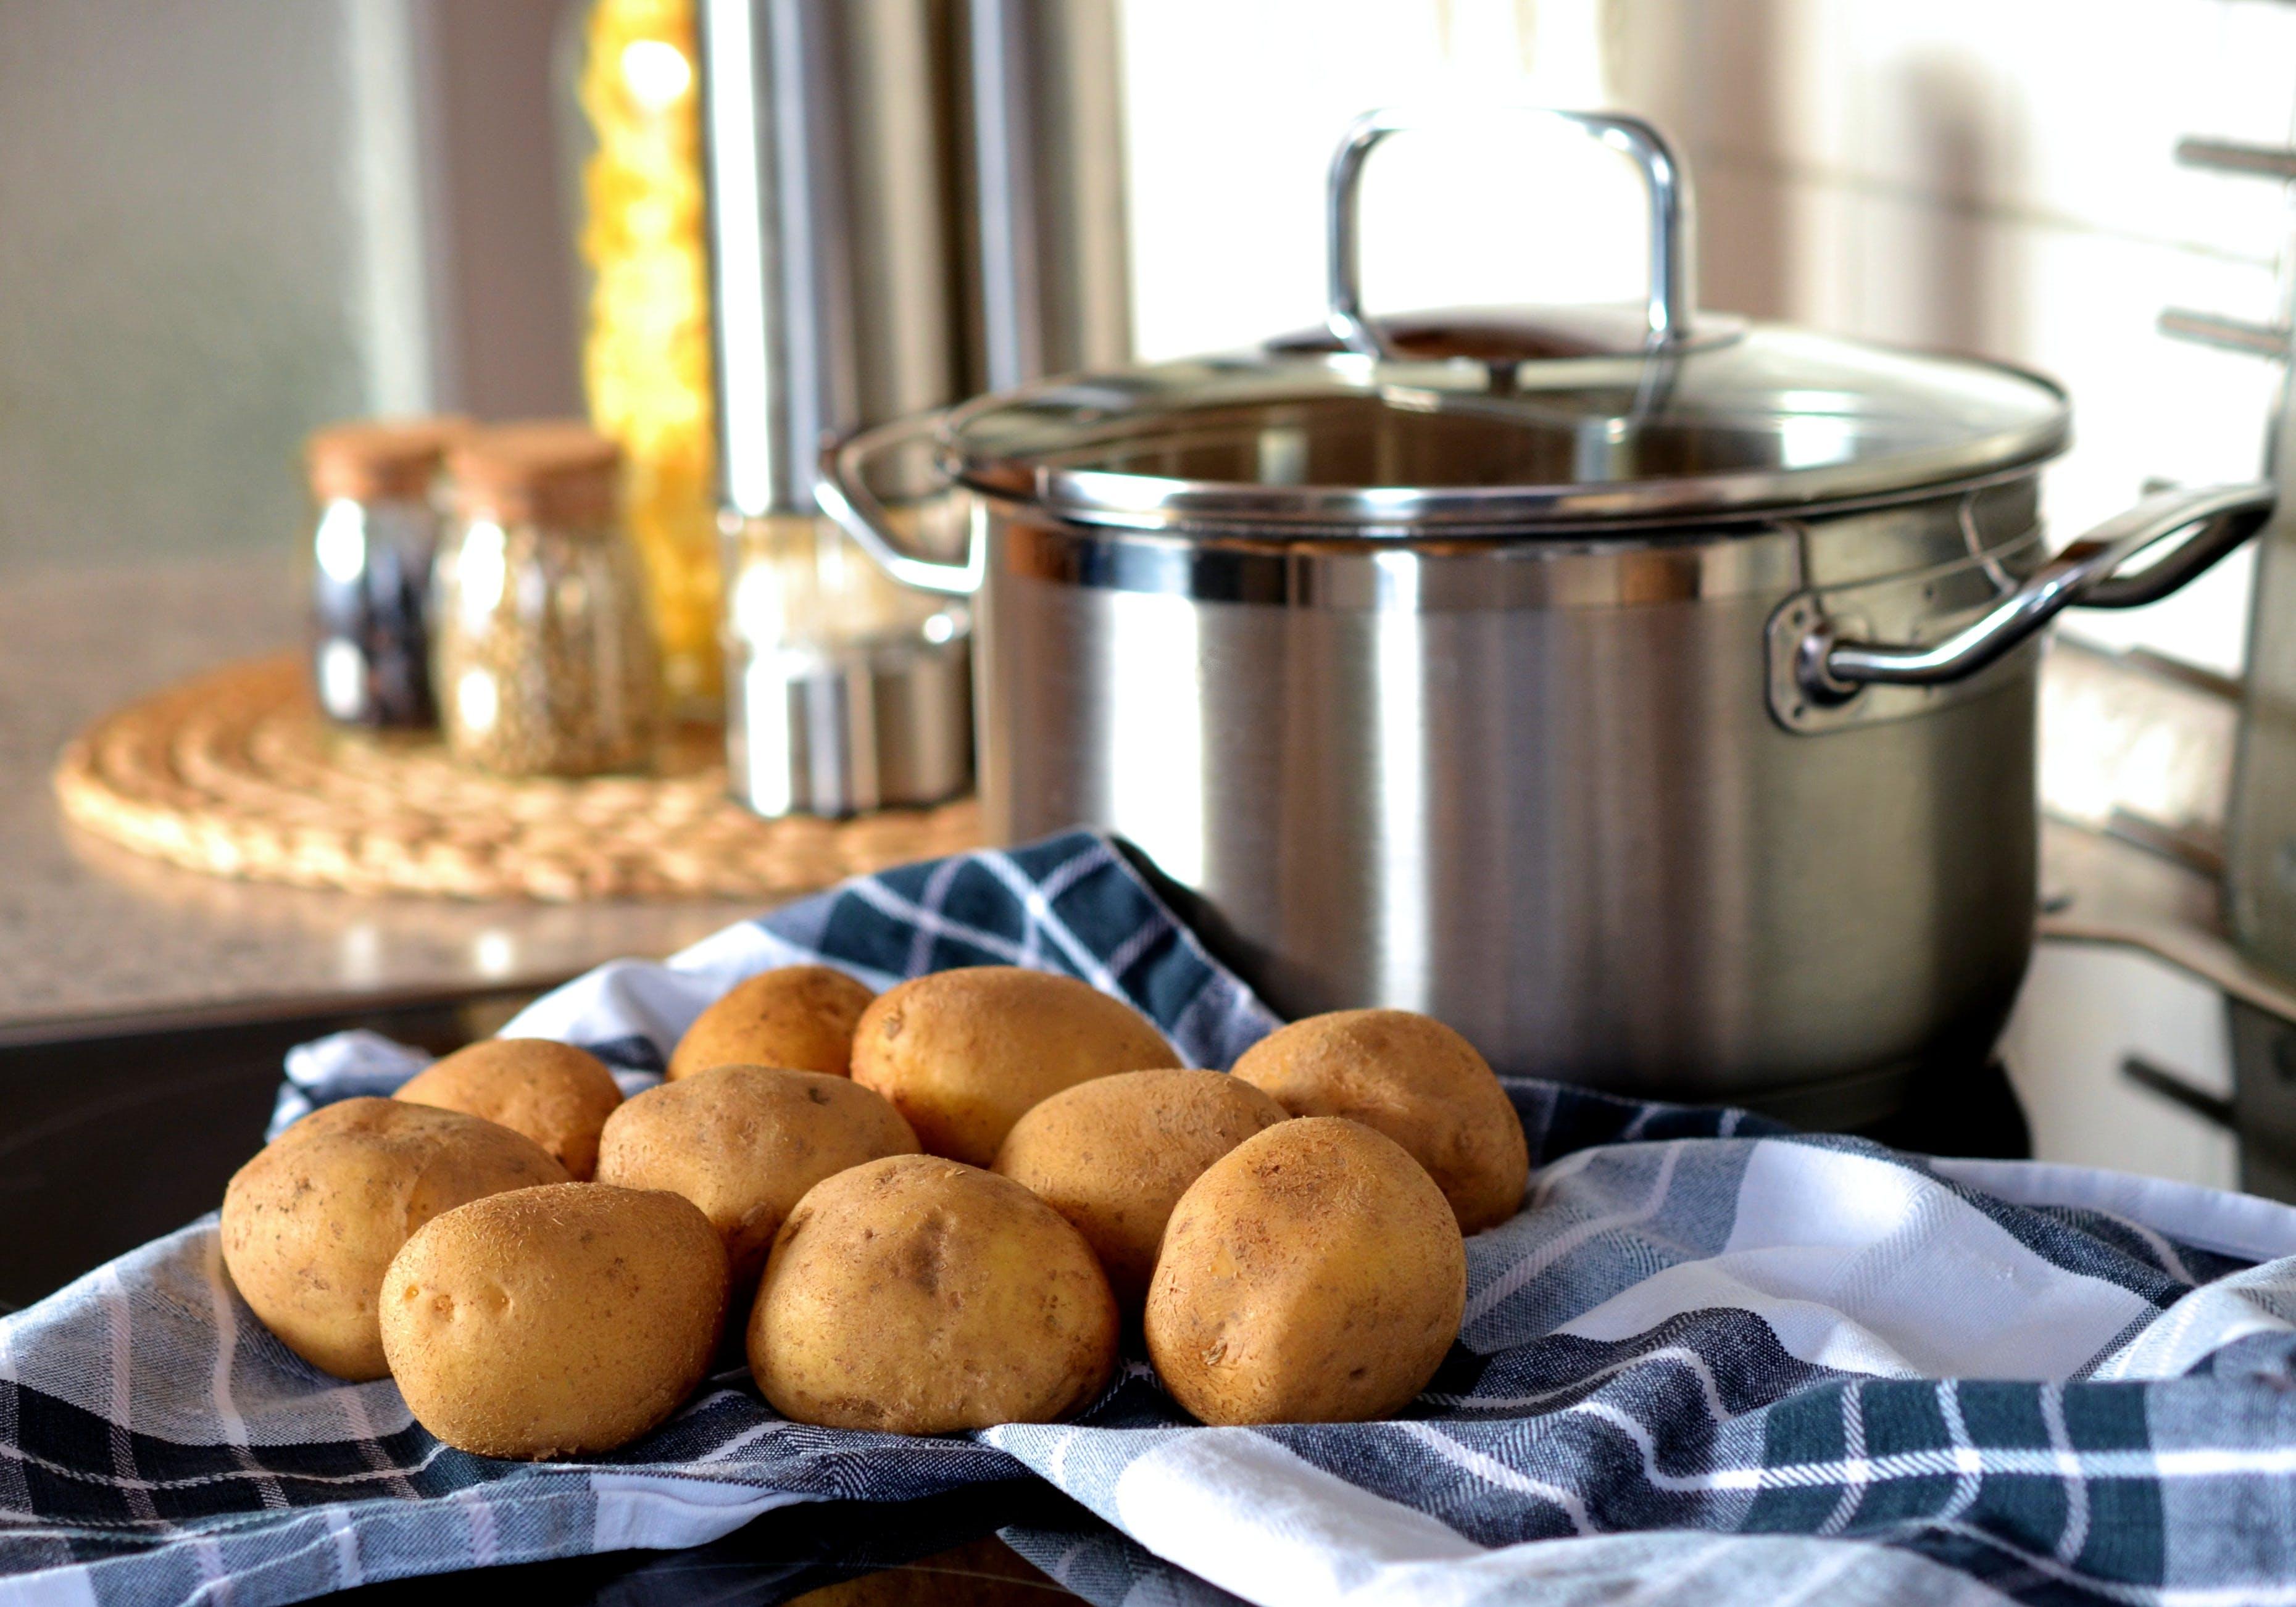 Kostenloses Stock Foto zu container, essen, geschirr, kartoffeln